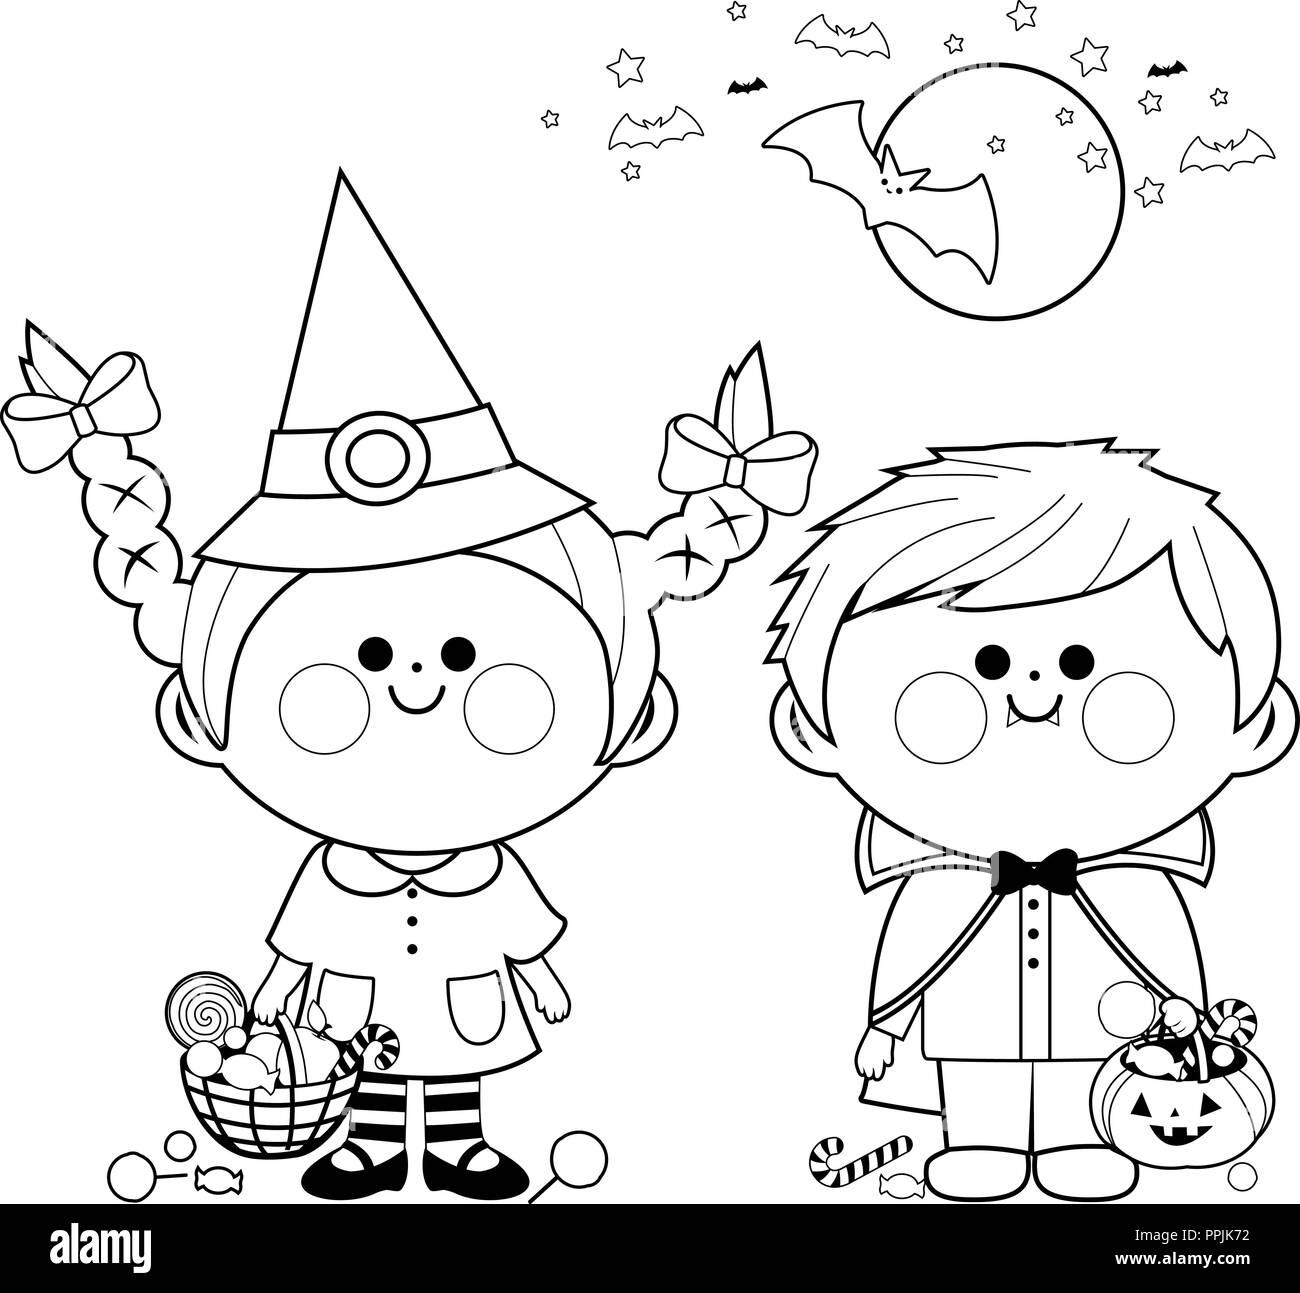 Niños Vestidos Con Disfraces De Halloween Mantenga Cubos Con